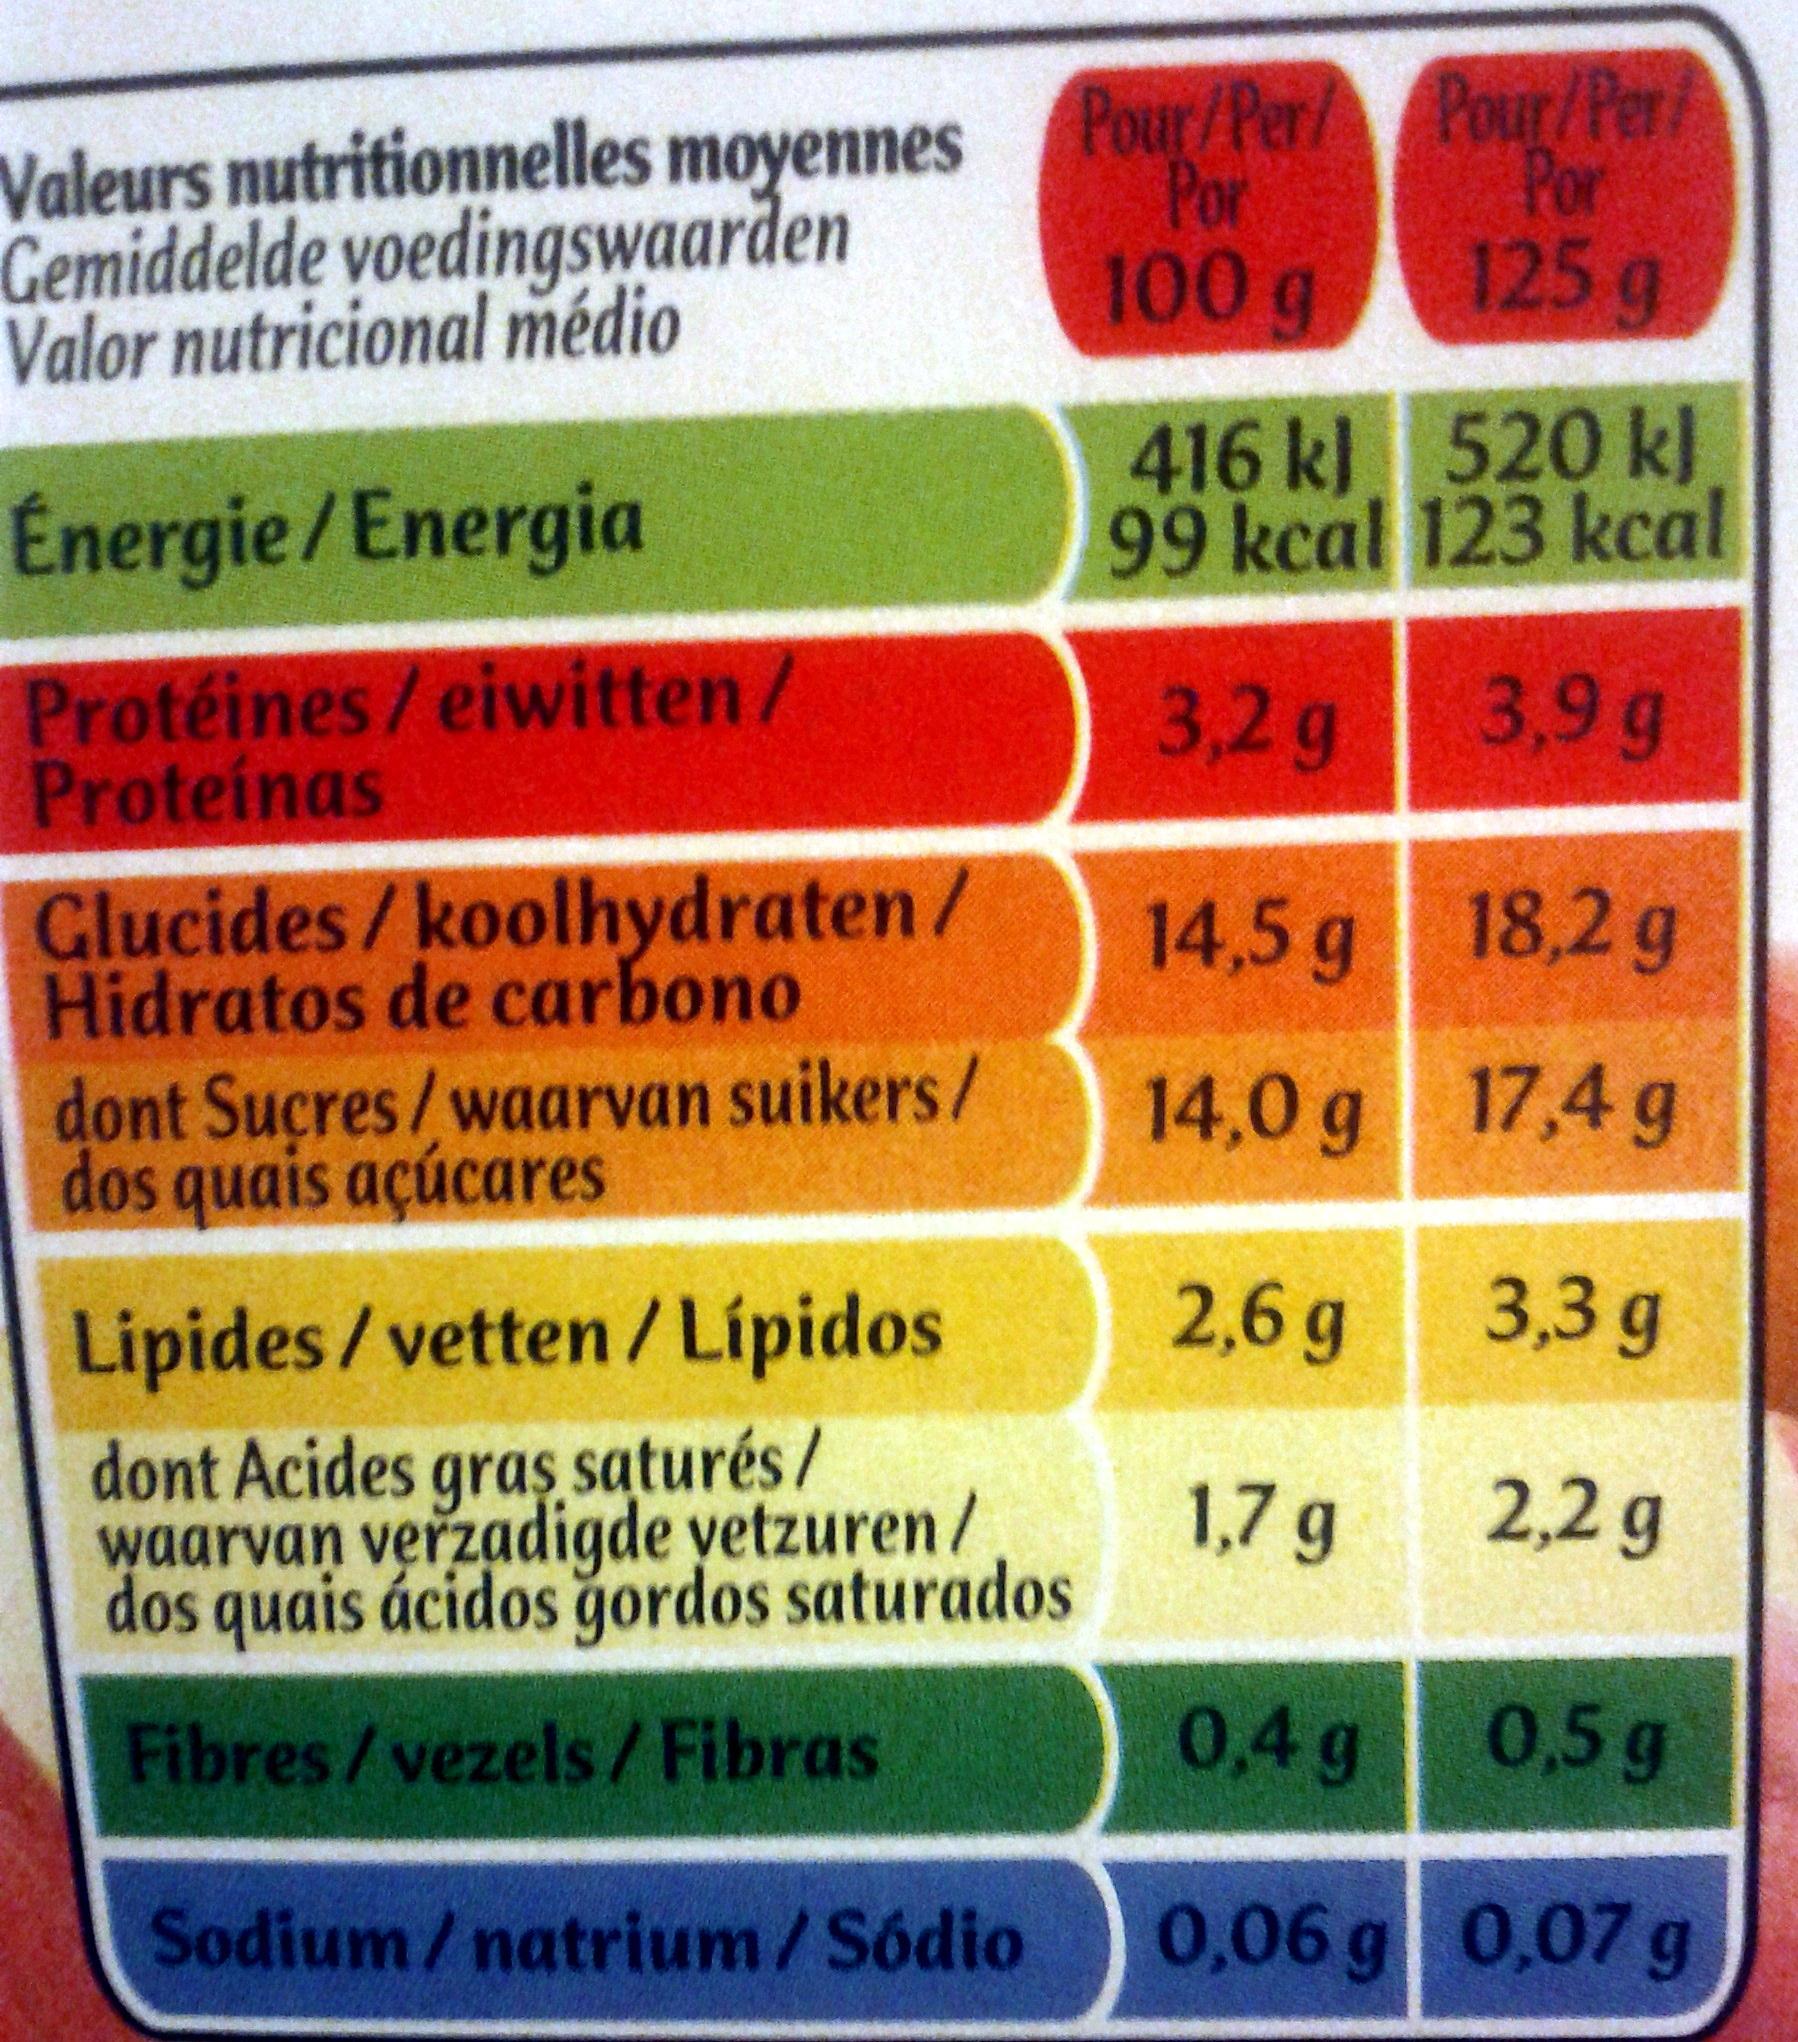 Panier de Yoplait Pêche, Poire - Nutrition facts